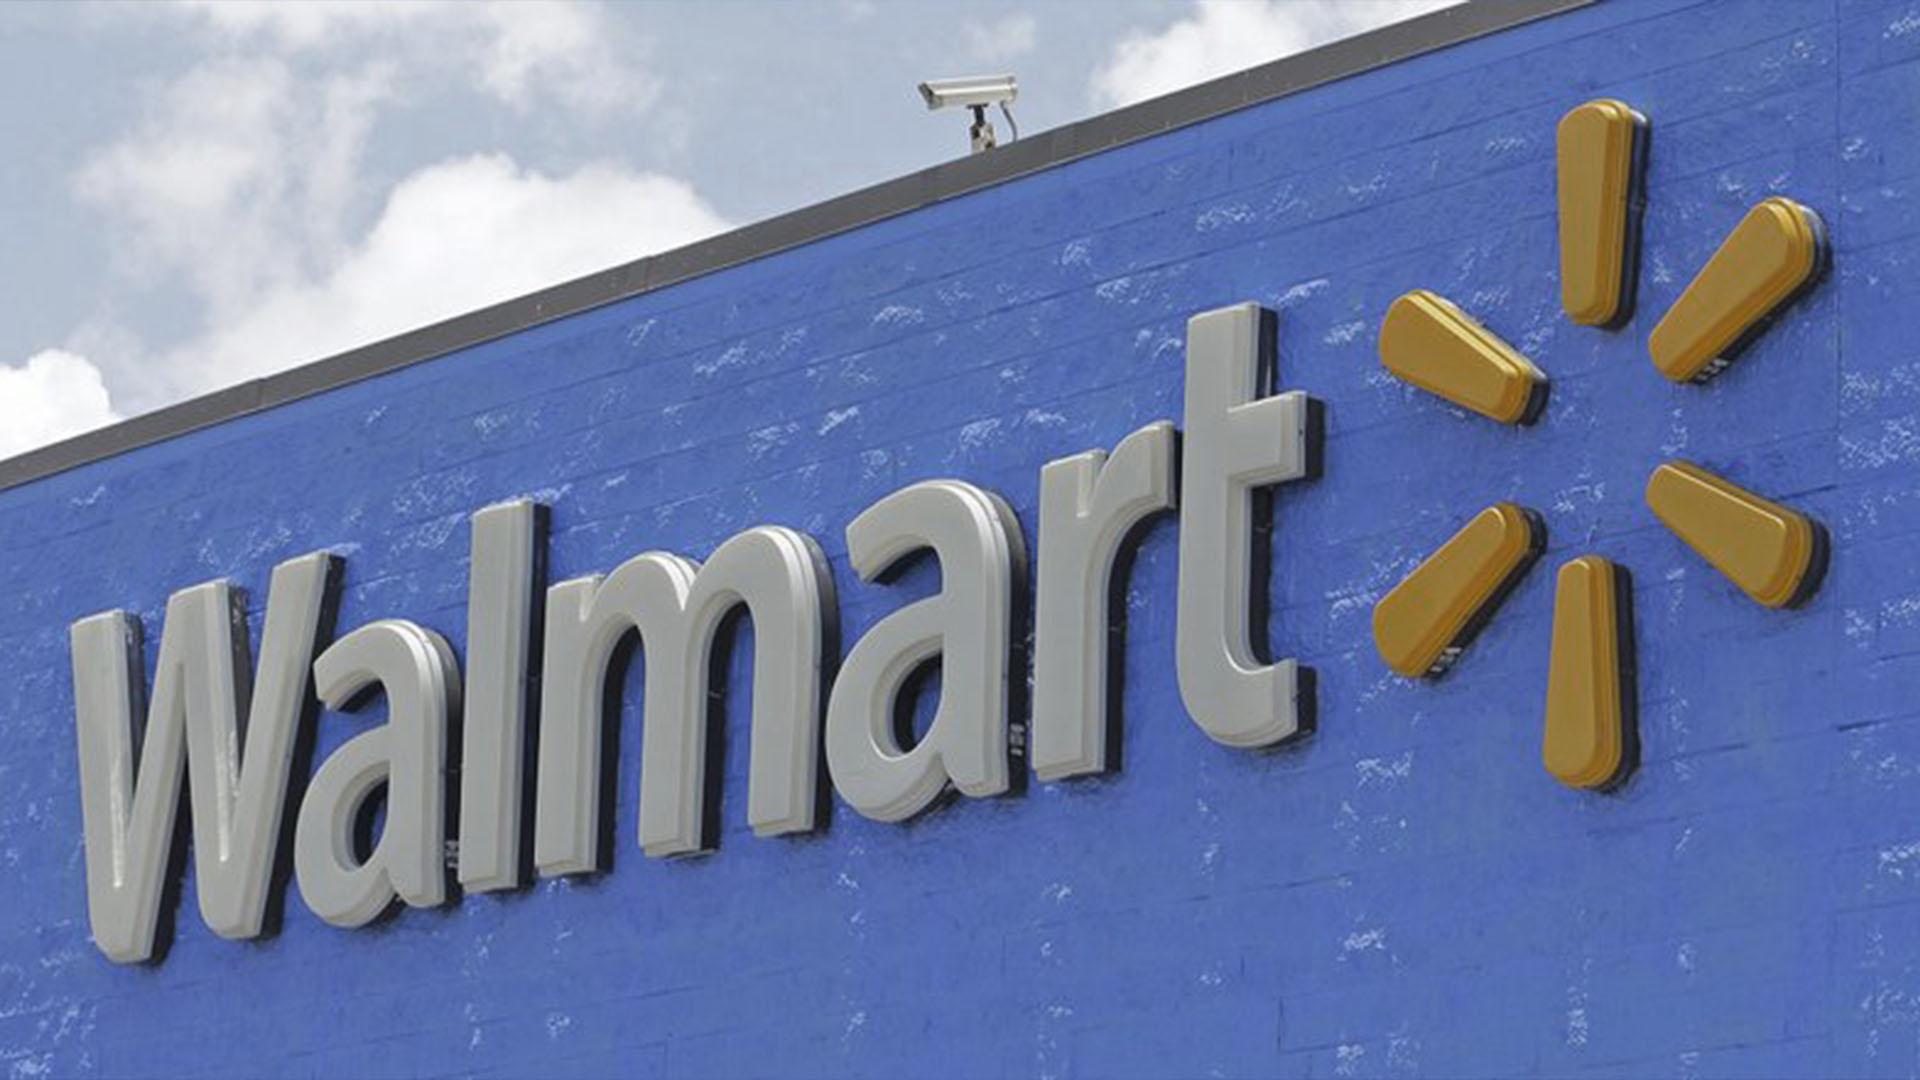 Walmart Generic_1557823661345.jpg